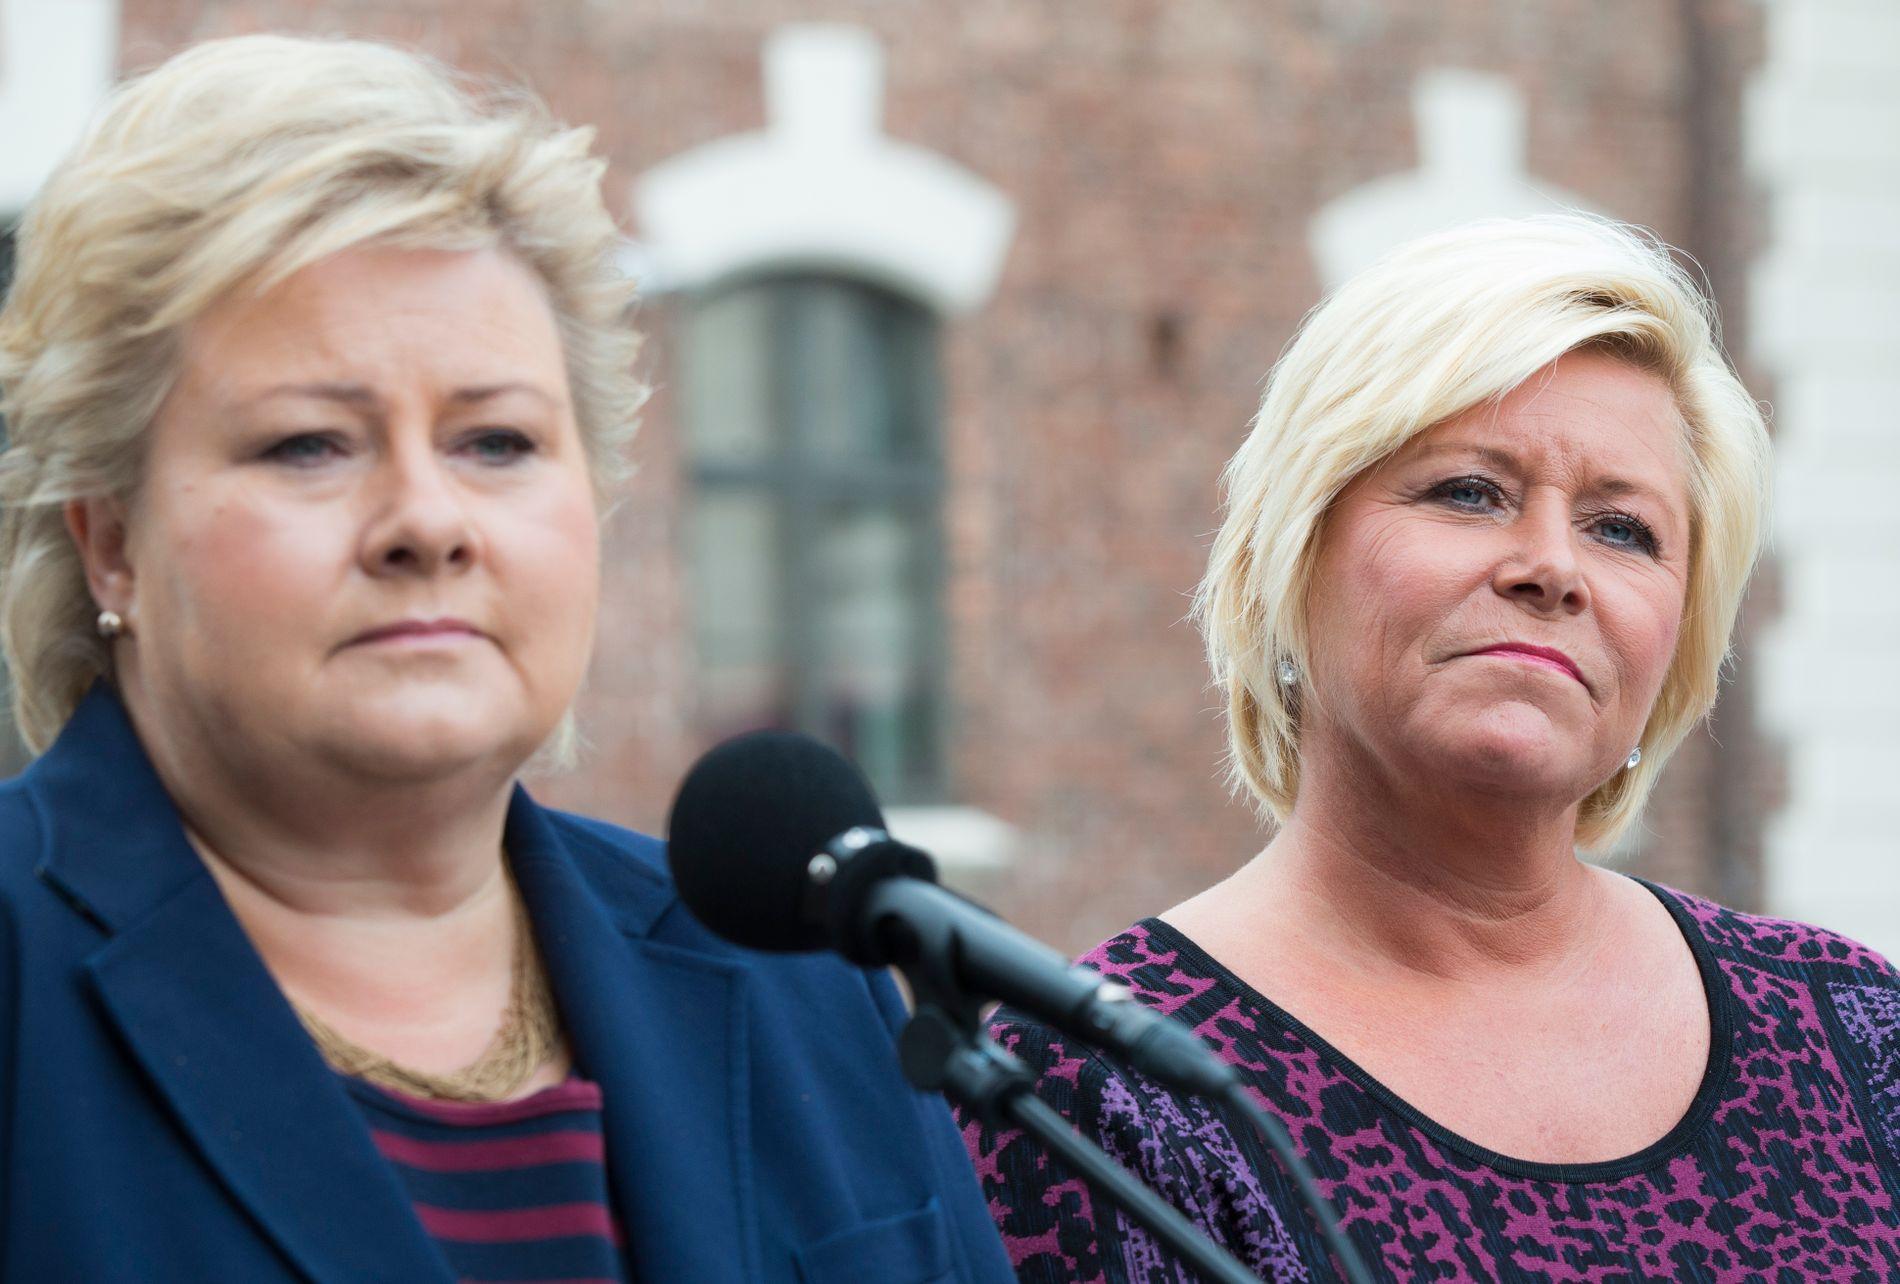 HAR IKKE MER Å GI: Statsminister Erna Solberg (t.v.) og finansminister Siv Jensen, på vei inn til regjeringens budsjettkonferanse i august, presenterer fredag sitt forslag til «det grønne skiftet».